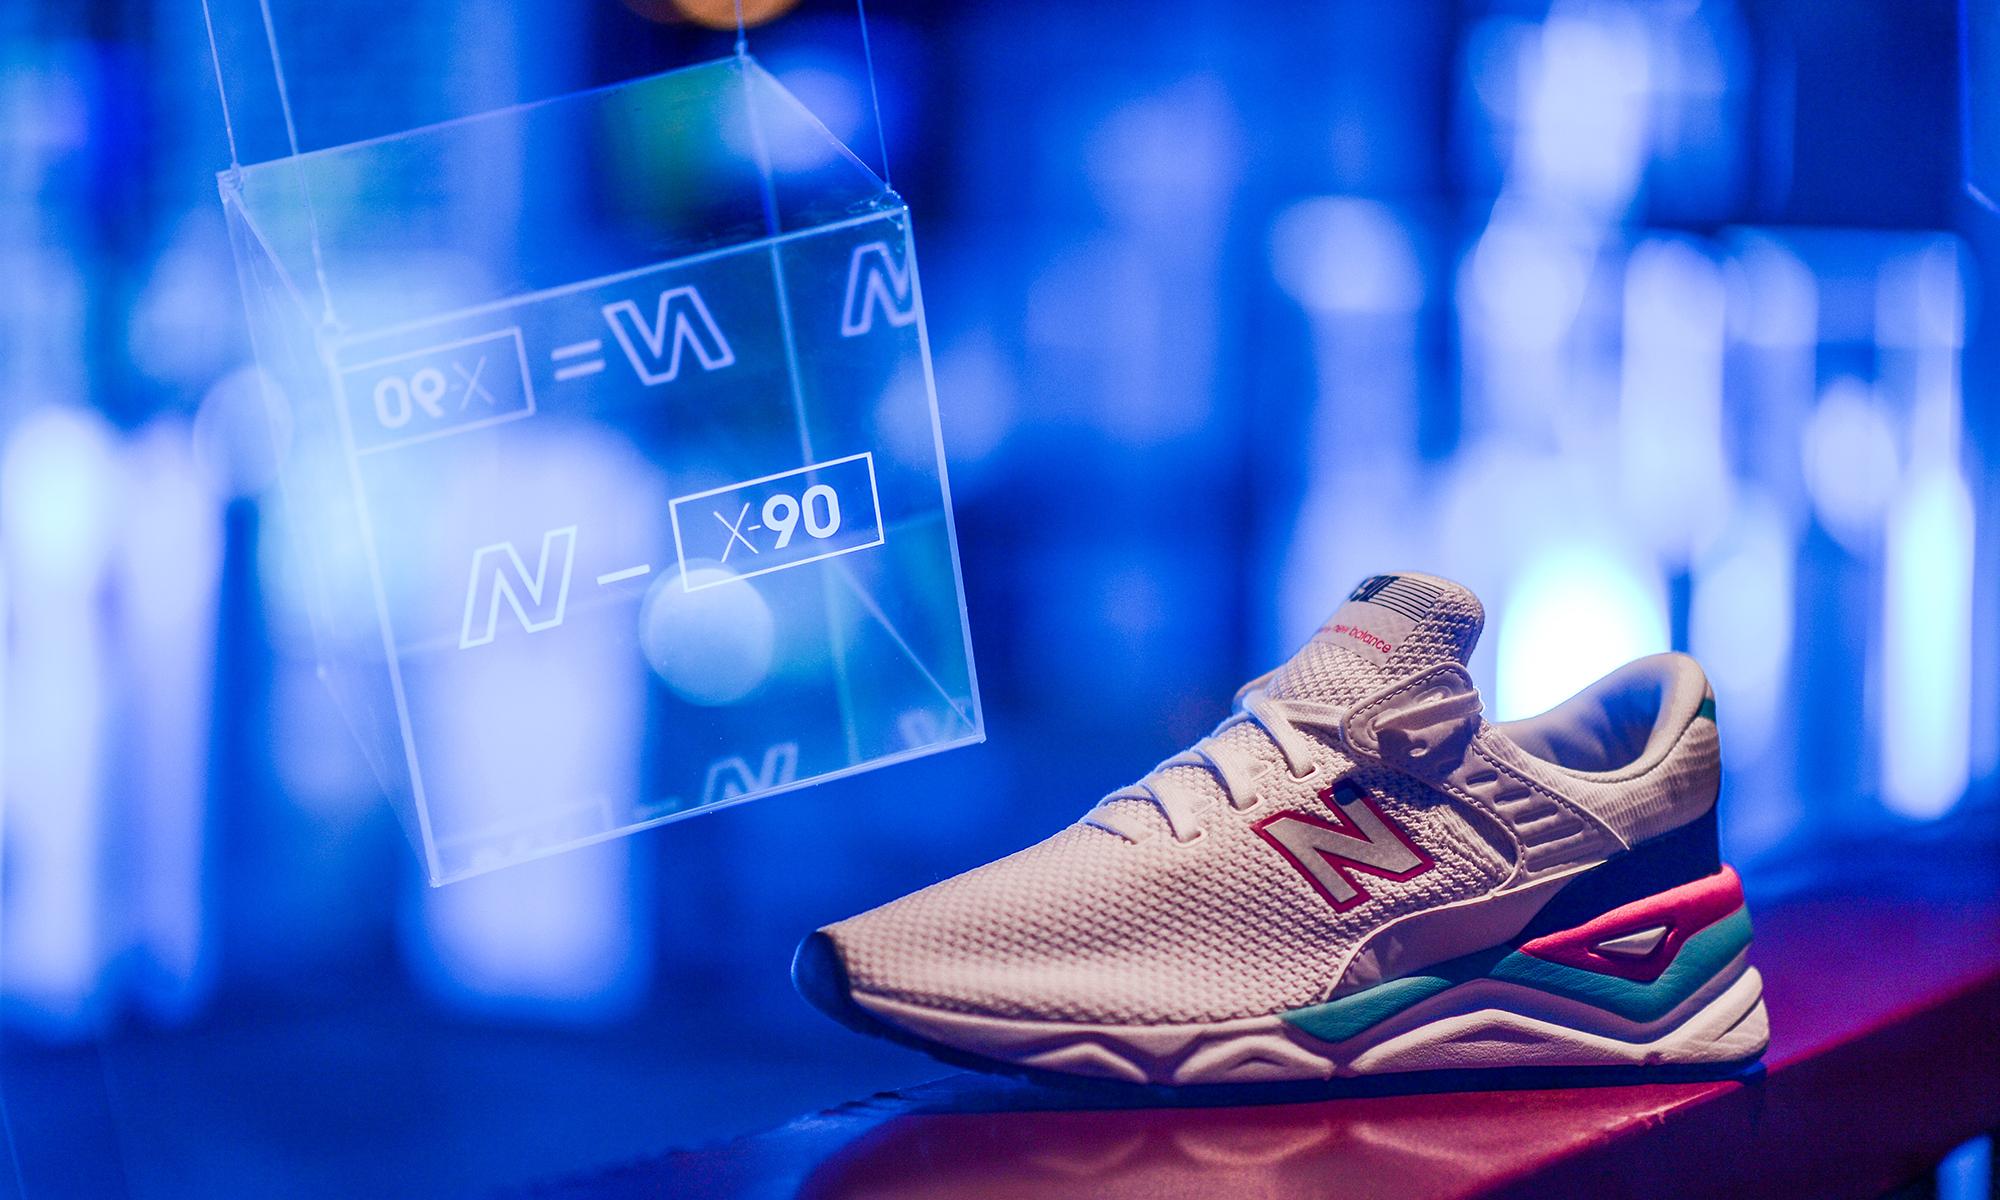 如果你是 99X 系鞋款的粉丝,必定会被这双 NB 新作俘获